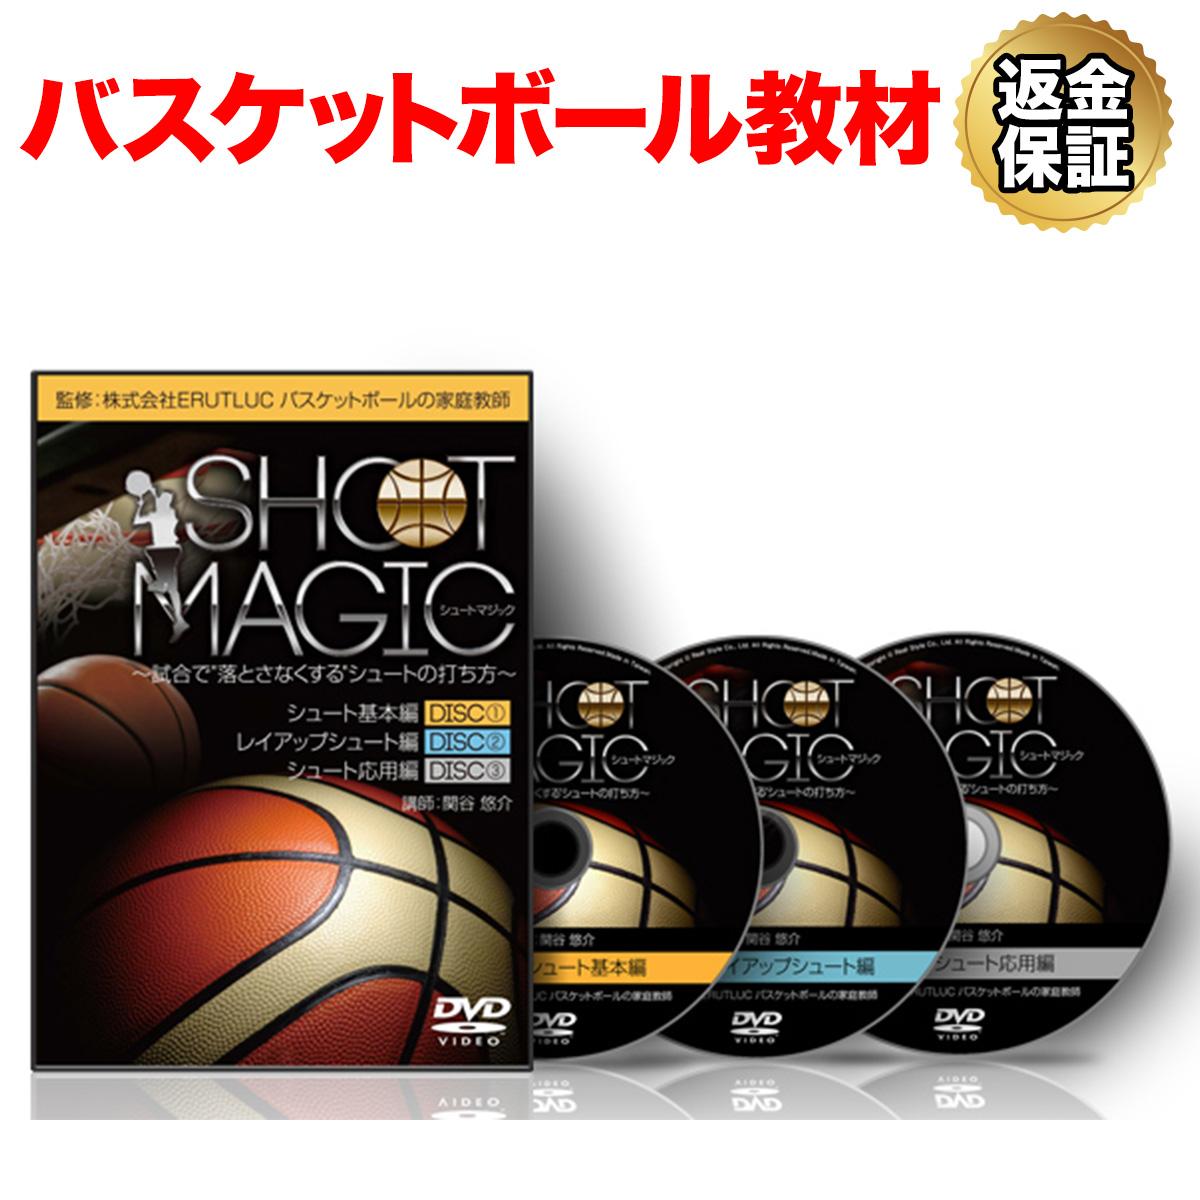 【バスケットボール】シュートマジック~試合で落とさなくするシュートの打ち方~